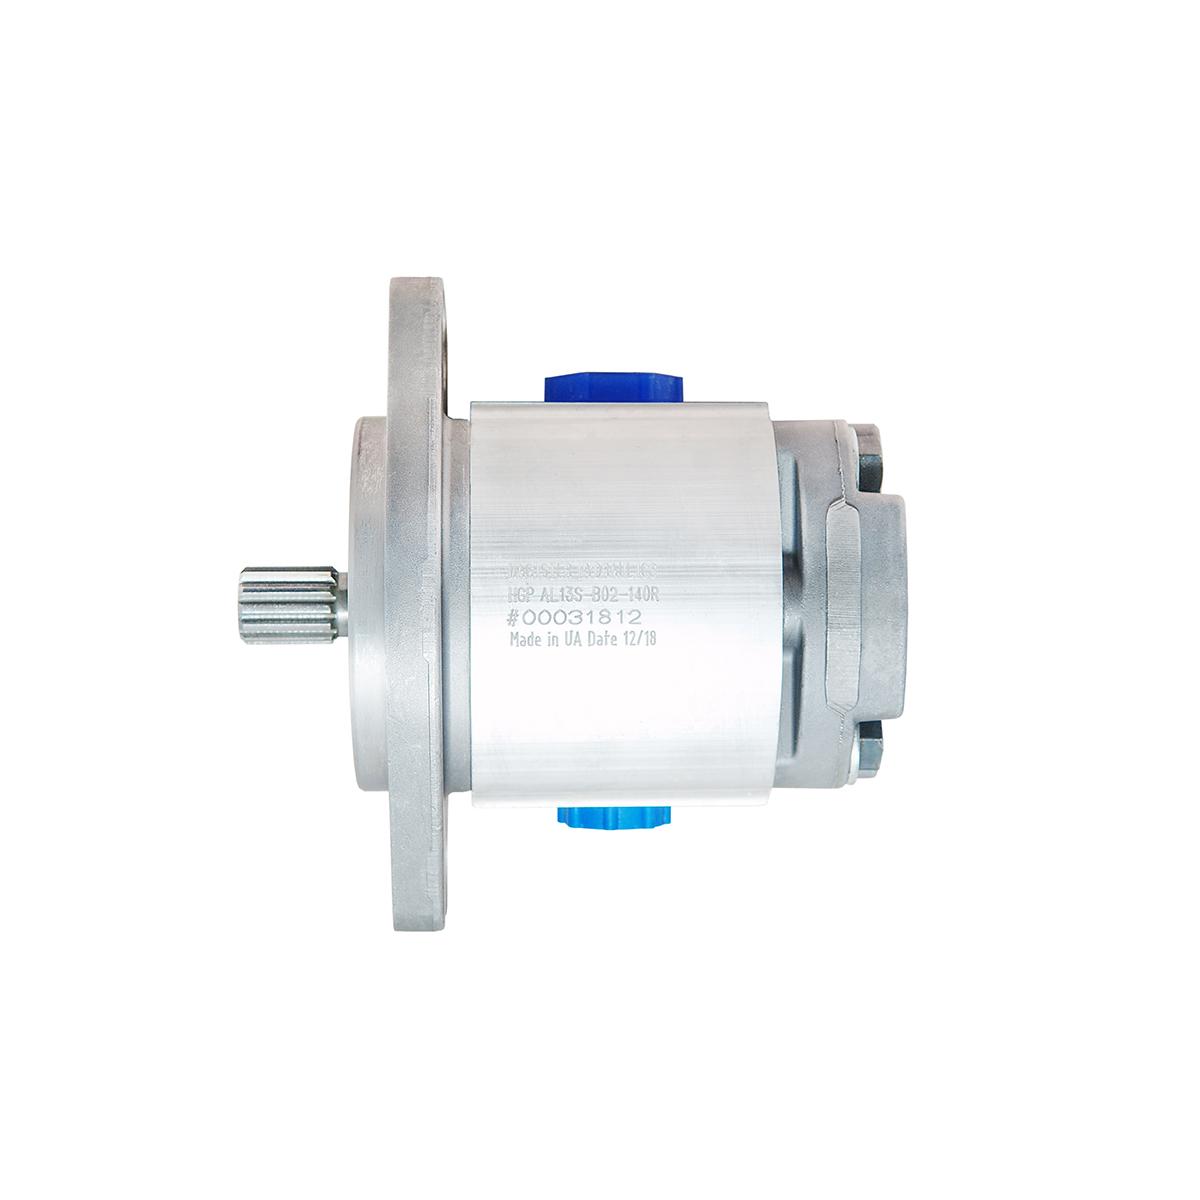 2.74 CID hydraulic gear pump, 13 tooth spline shaft counter-clockwise gear pump   Magister Hydraulics